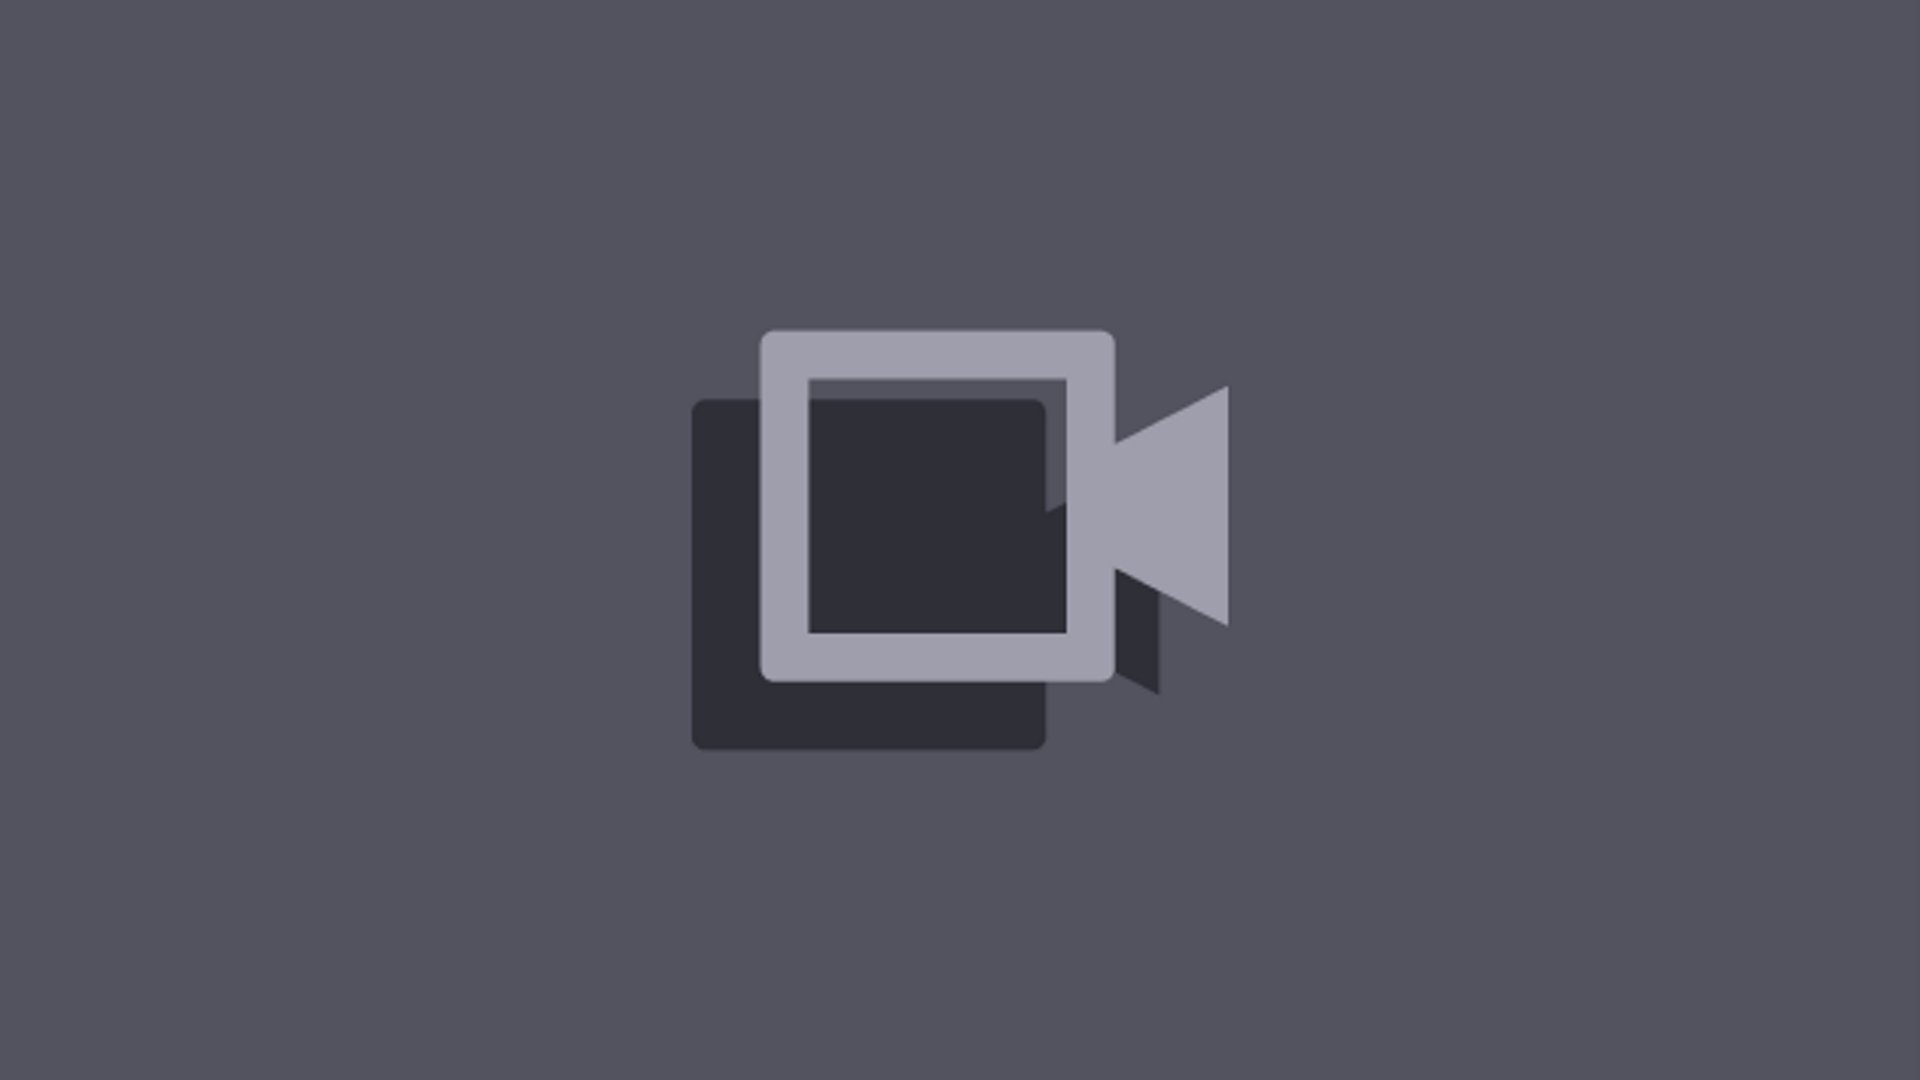 【米娜】♥4/25遊戲主題-《ㄘ豆花》ヽ(●ゝ∀・●)ノ・.。*